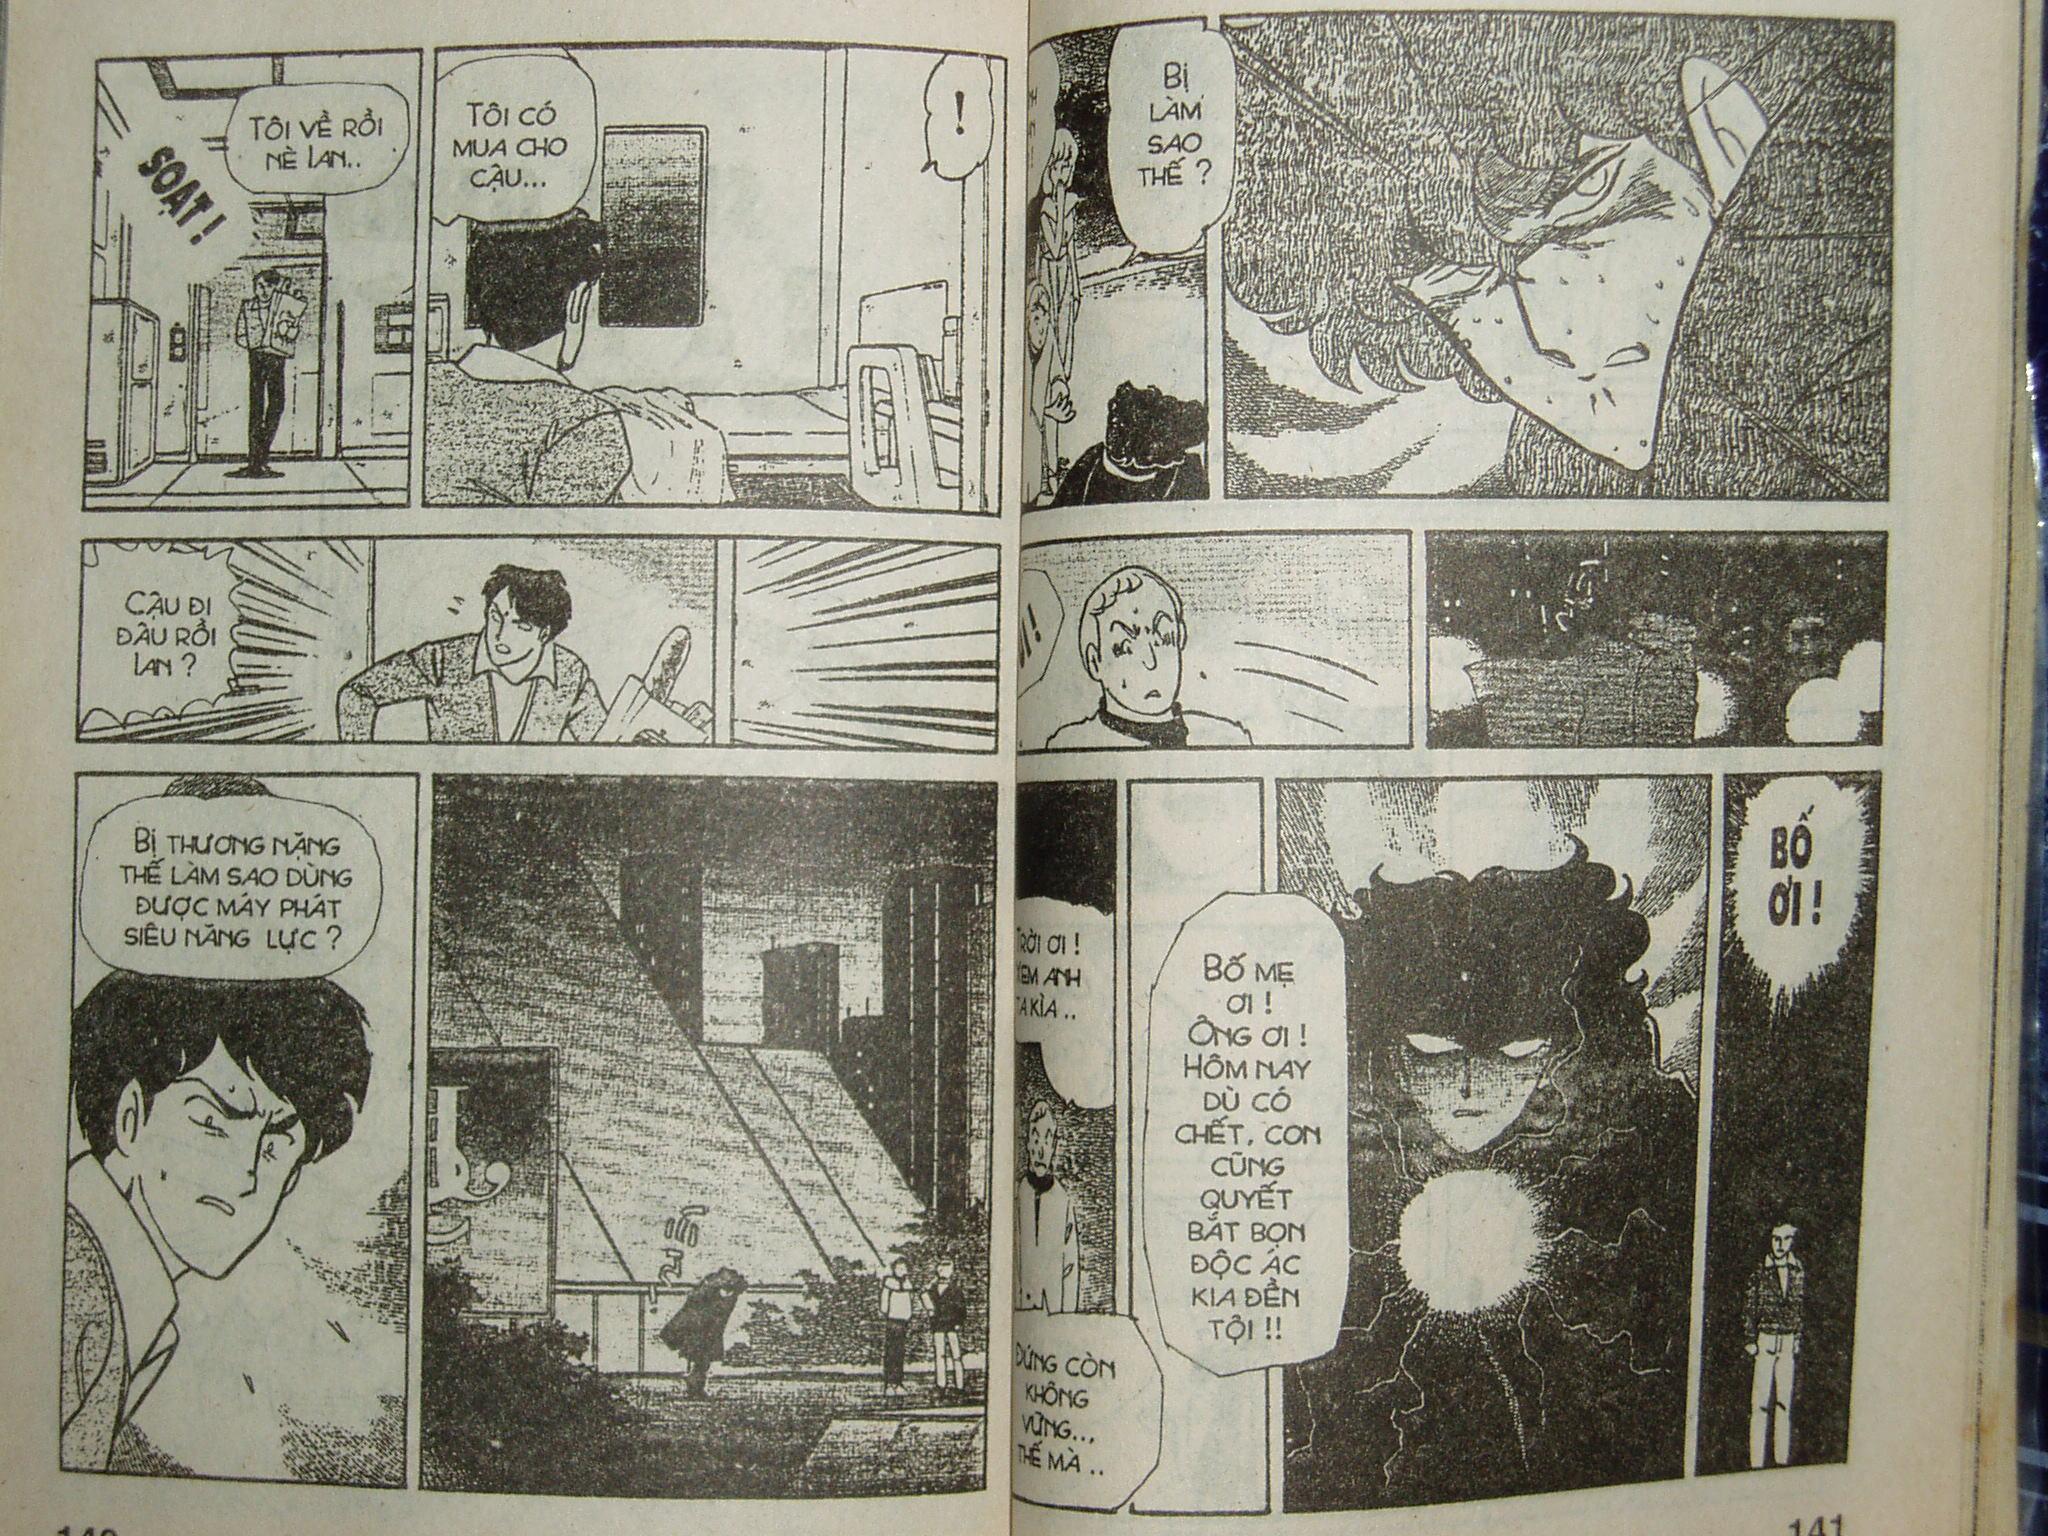 Siêu nhân Locke vol 14 trang 70